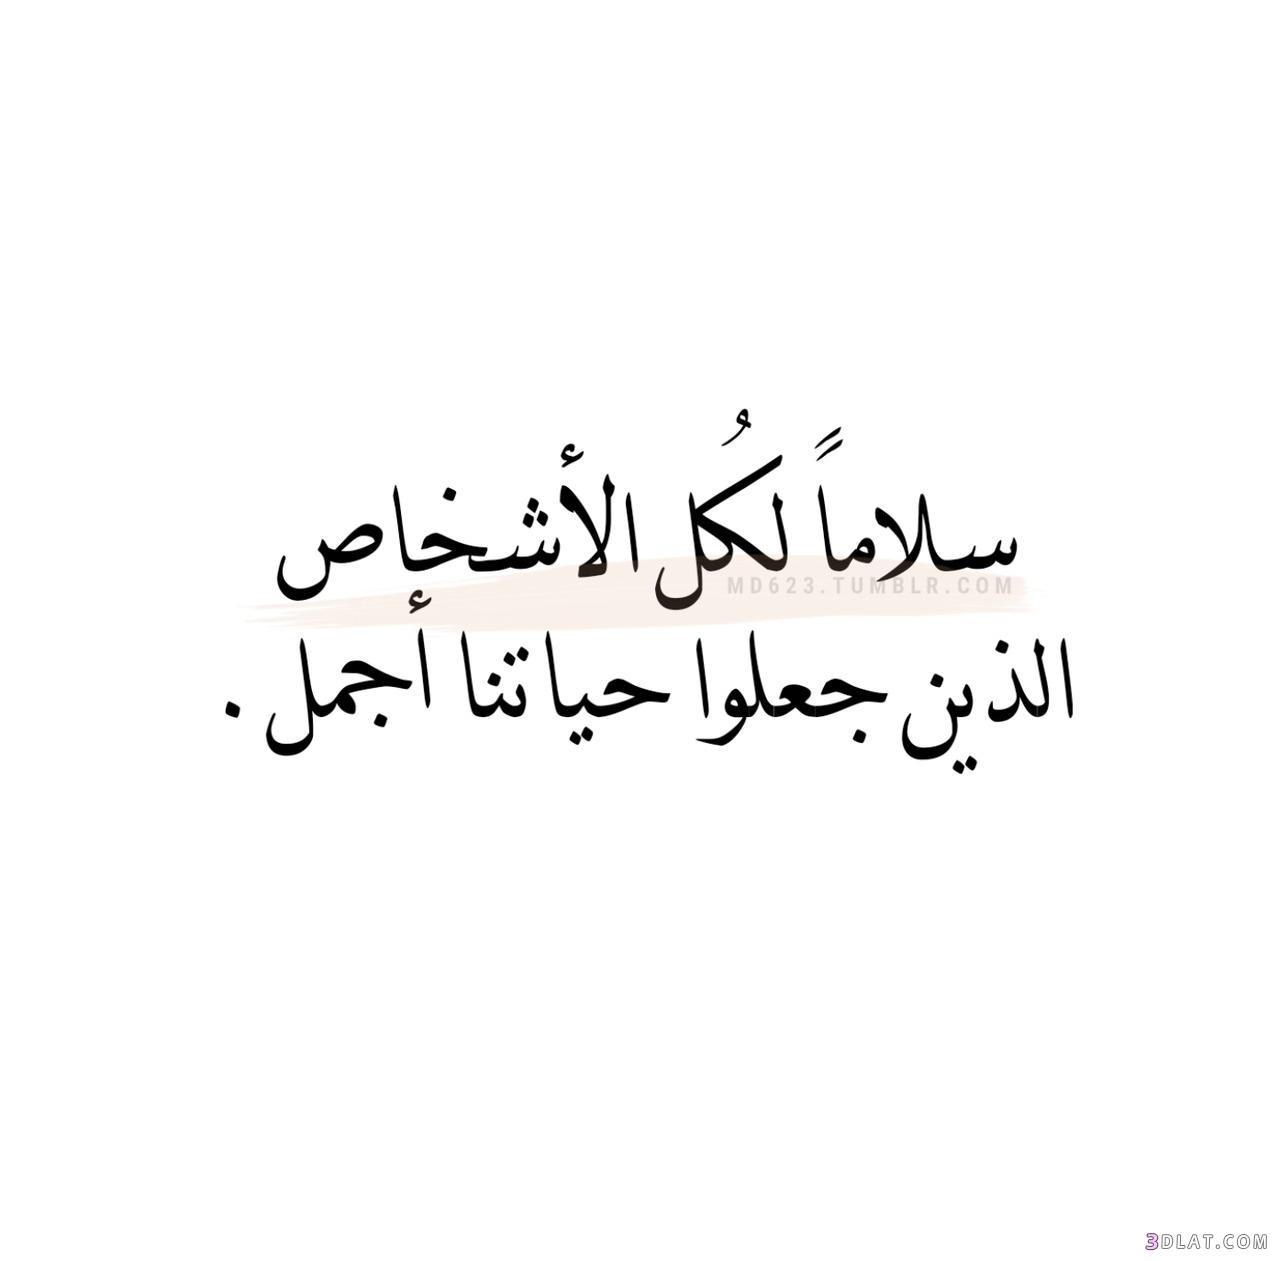 مصوره للانستقرام الواتس الفيس الحياه مصوره 3dlat.com_17_18_412b